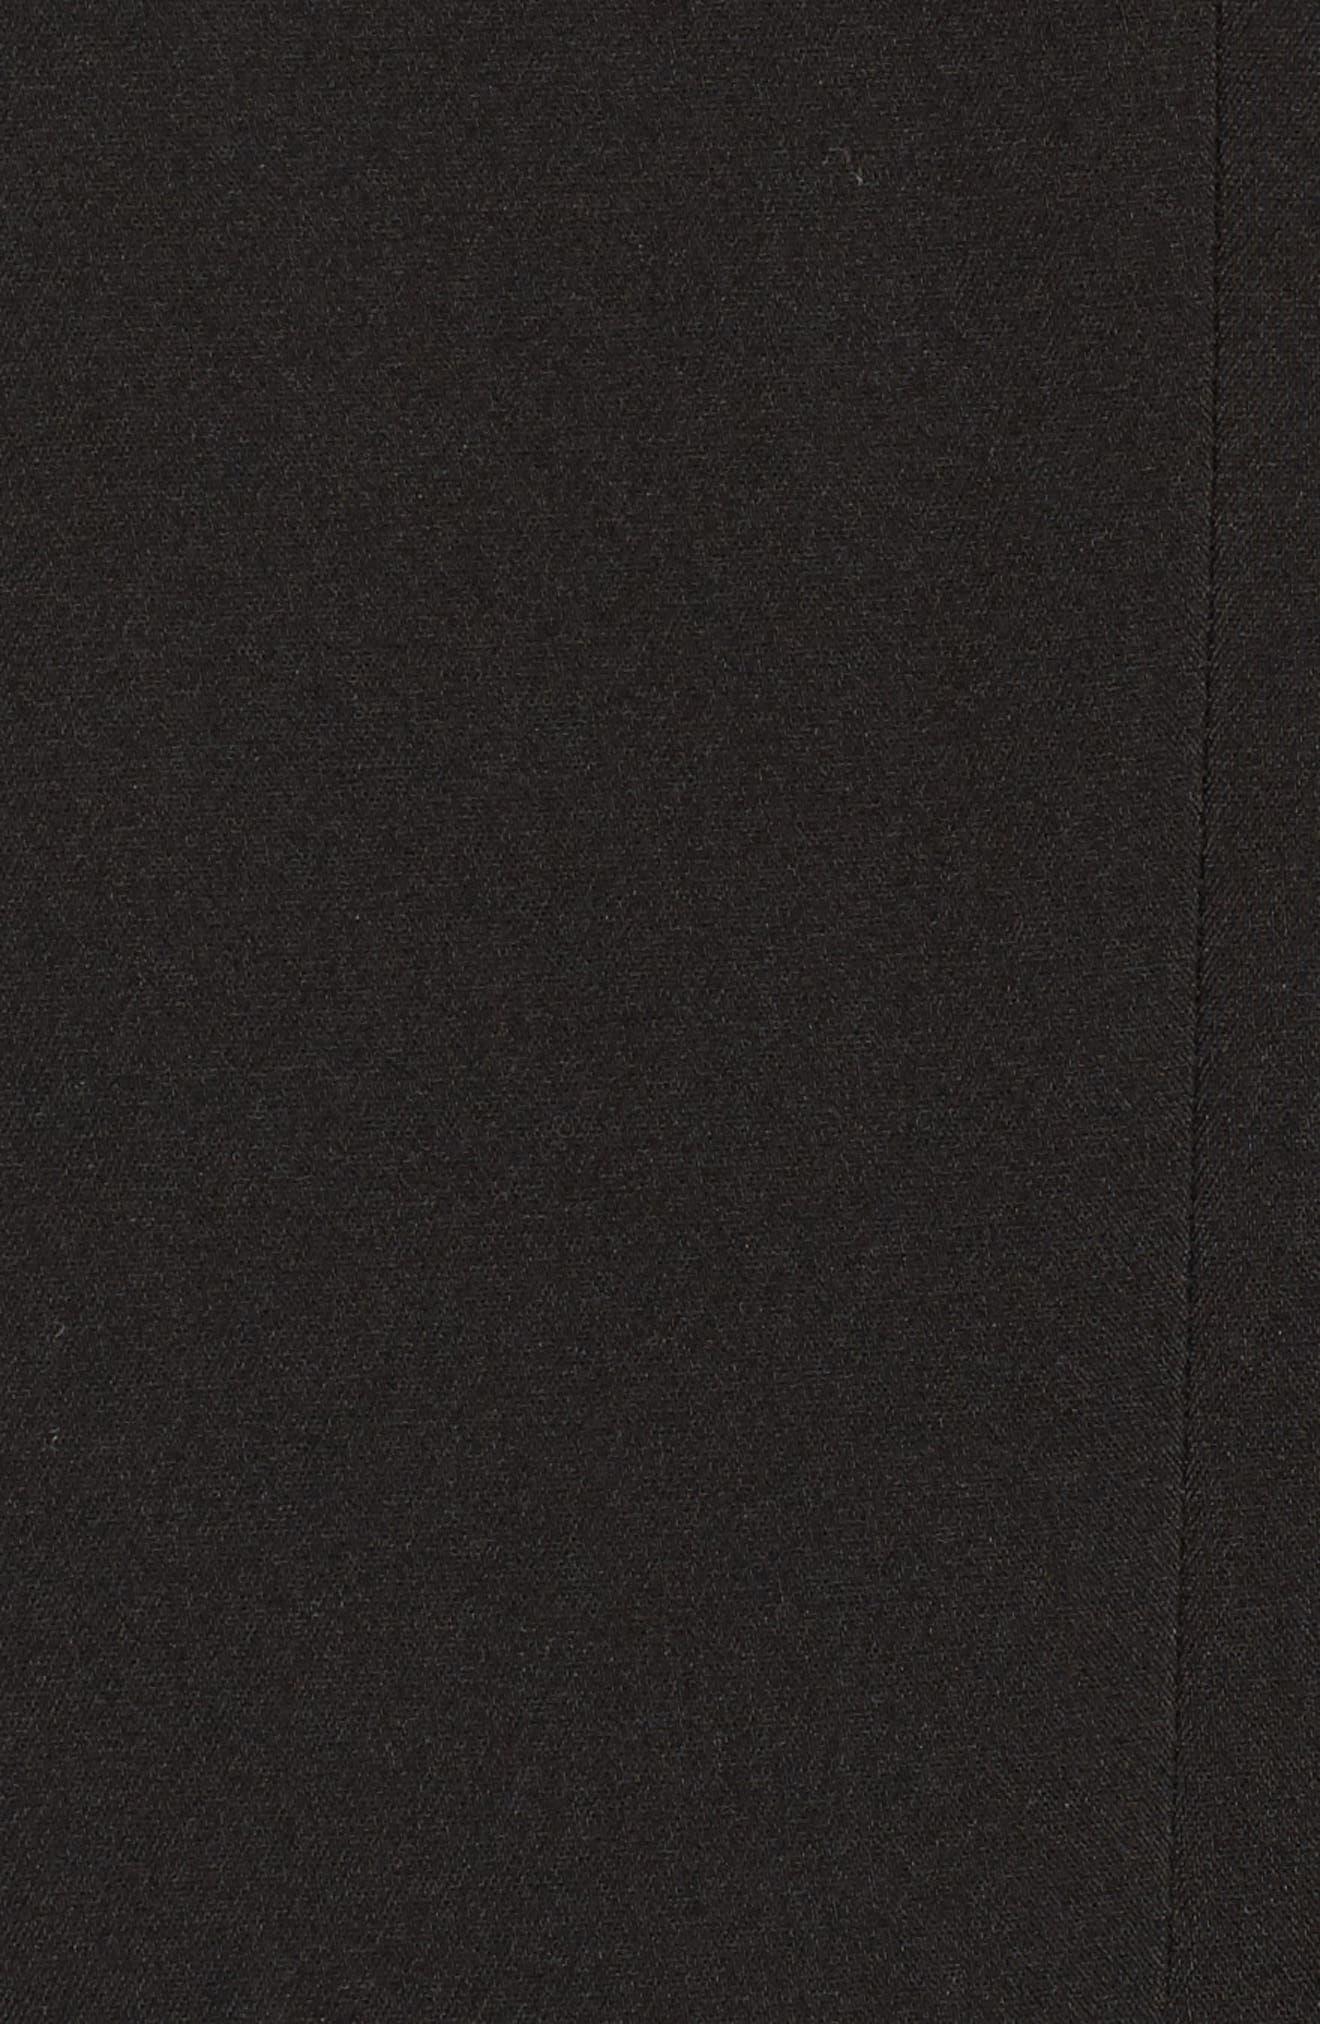 Drape Jacket,                             Alternate thumbnail 6, color,                             BLACK